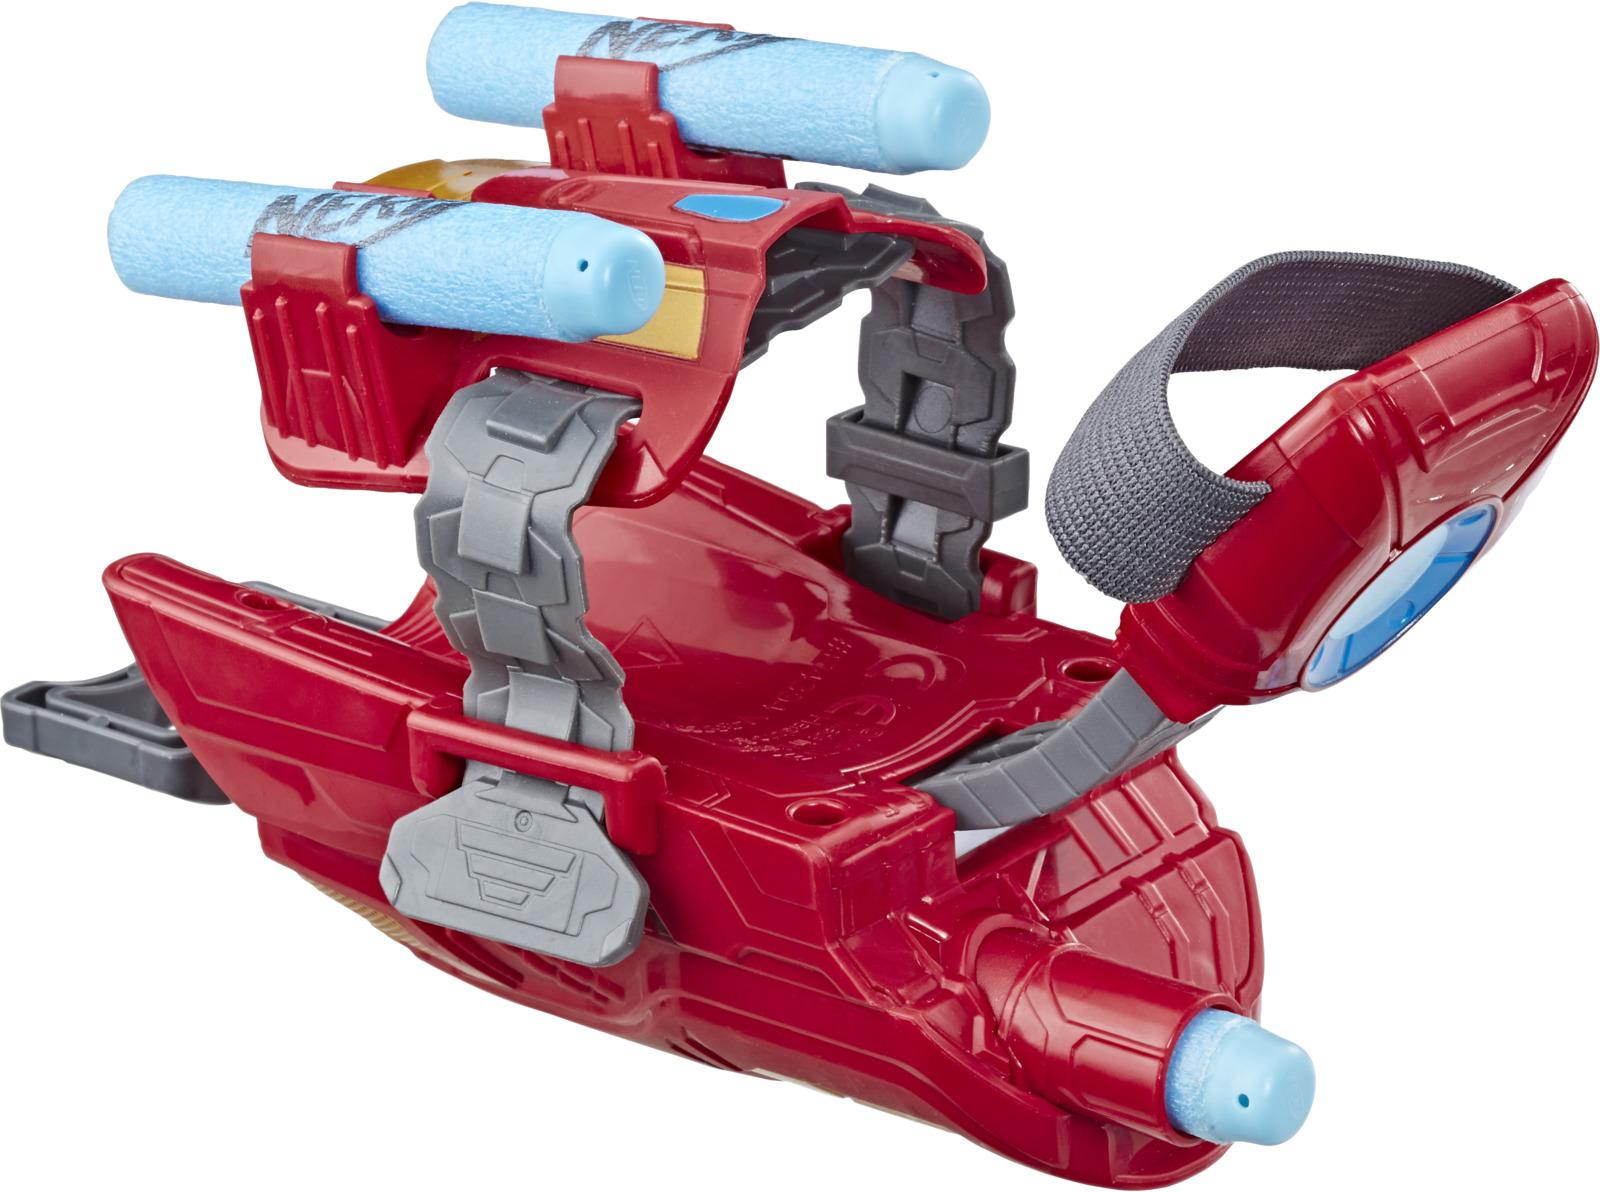 Доспехи игрушечные Avengers Classics Репульсор Железного Человека, E4394EU4